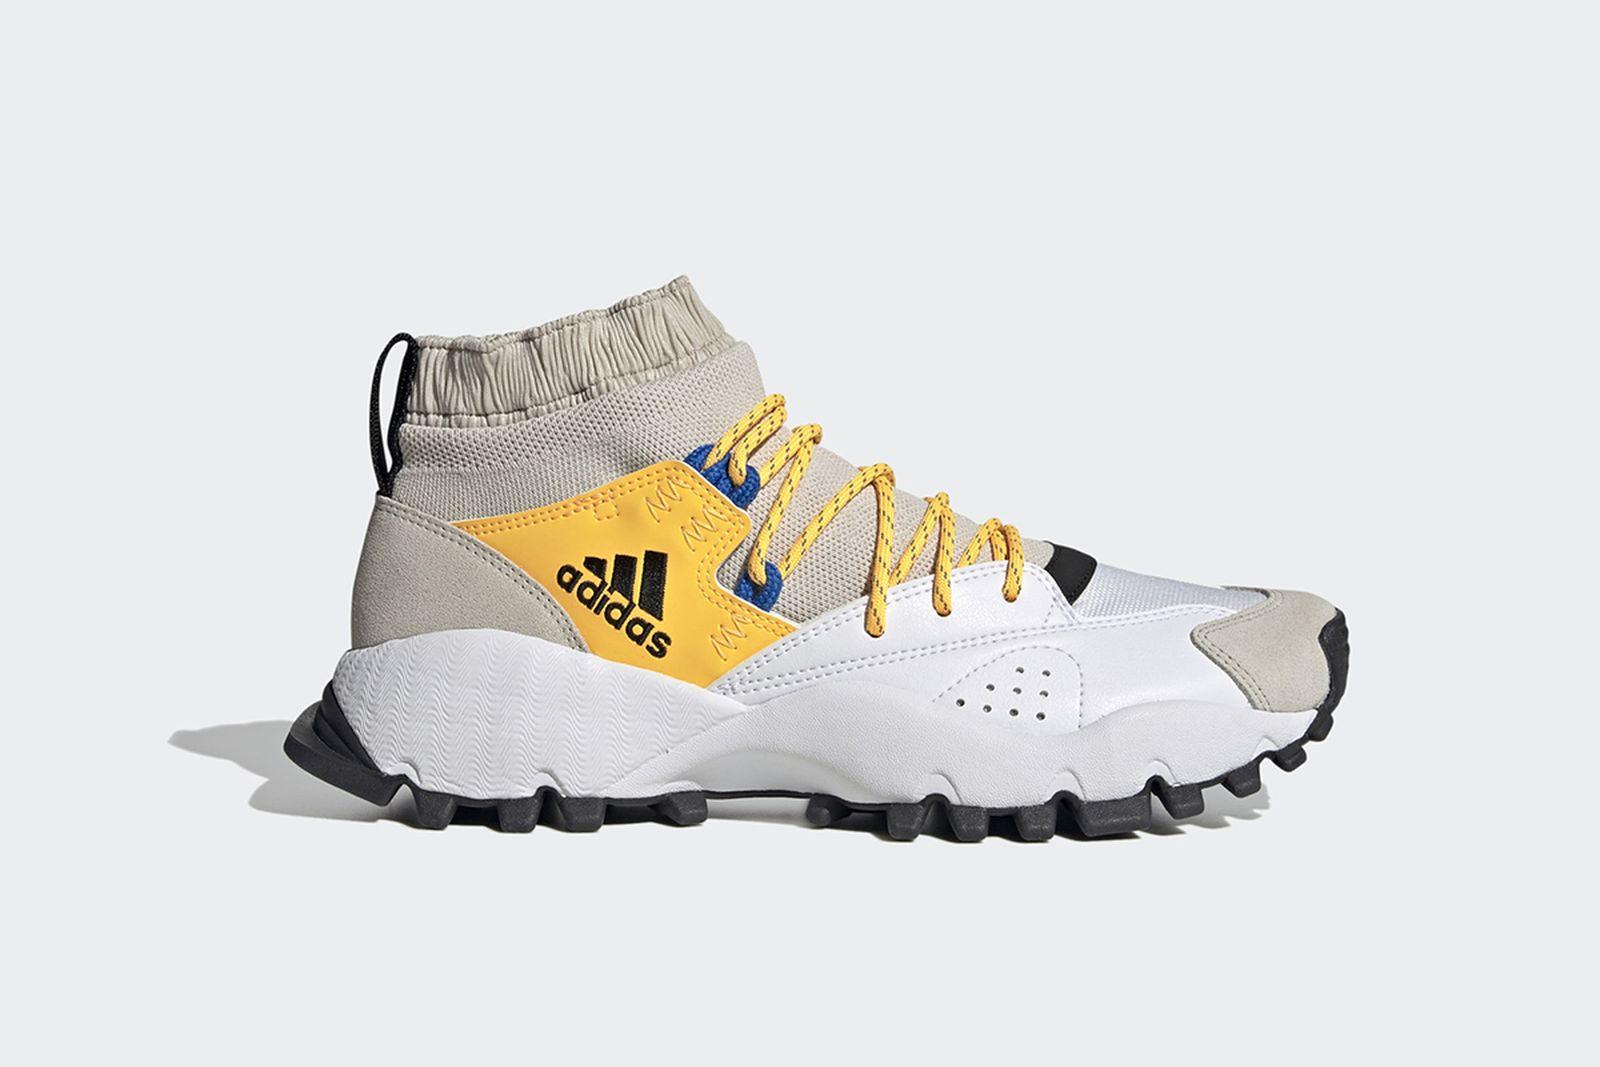 Seeulater_OG_Shoes_Beige_FW4450_01_standard